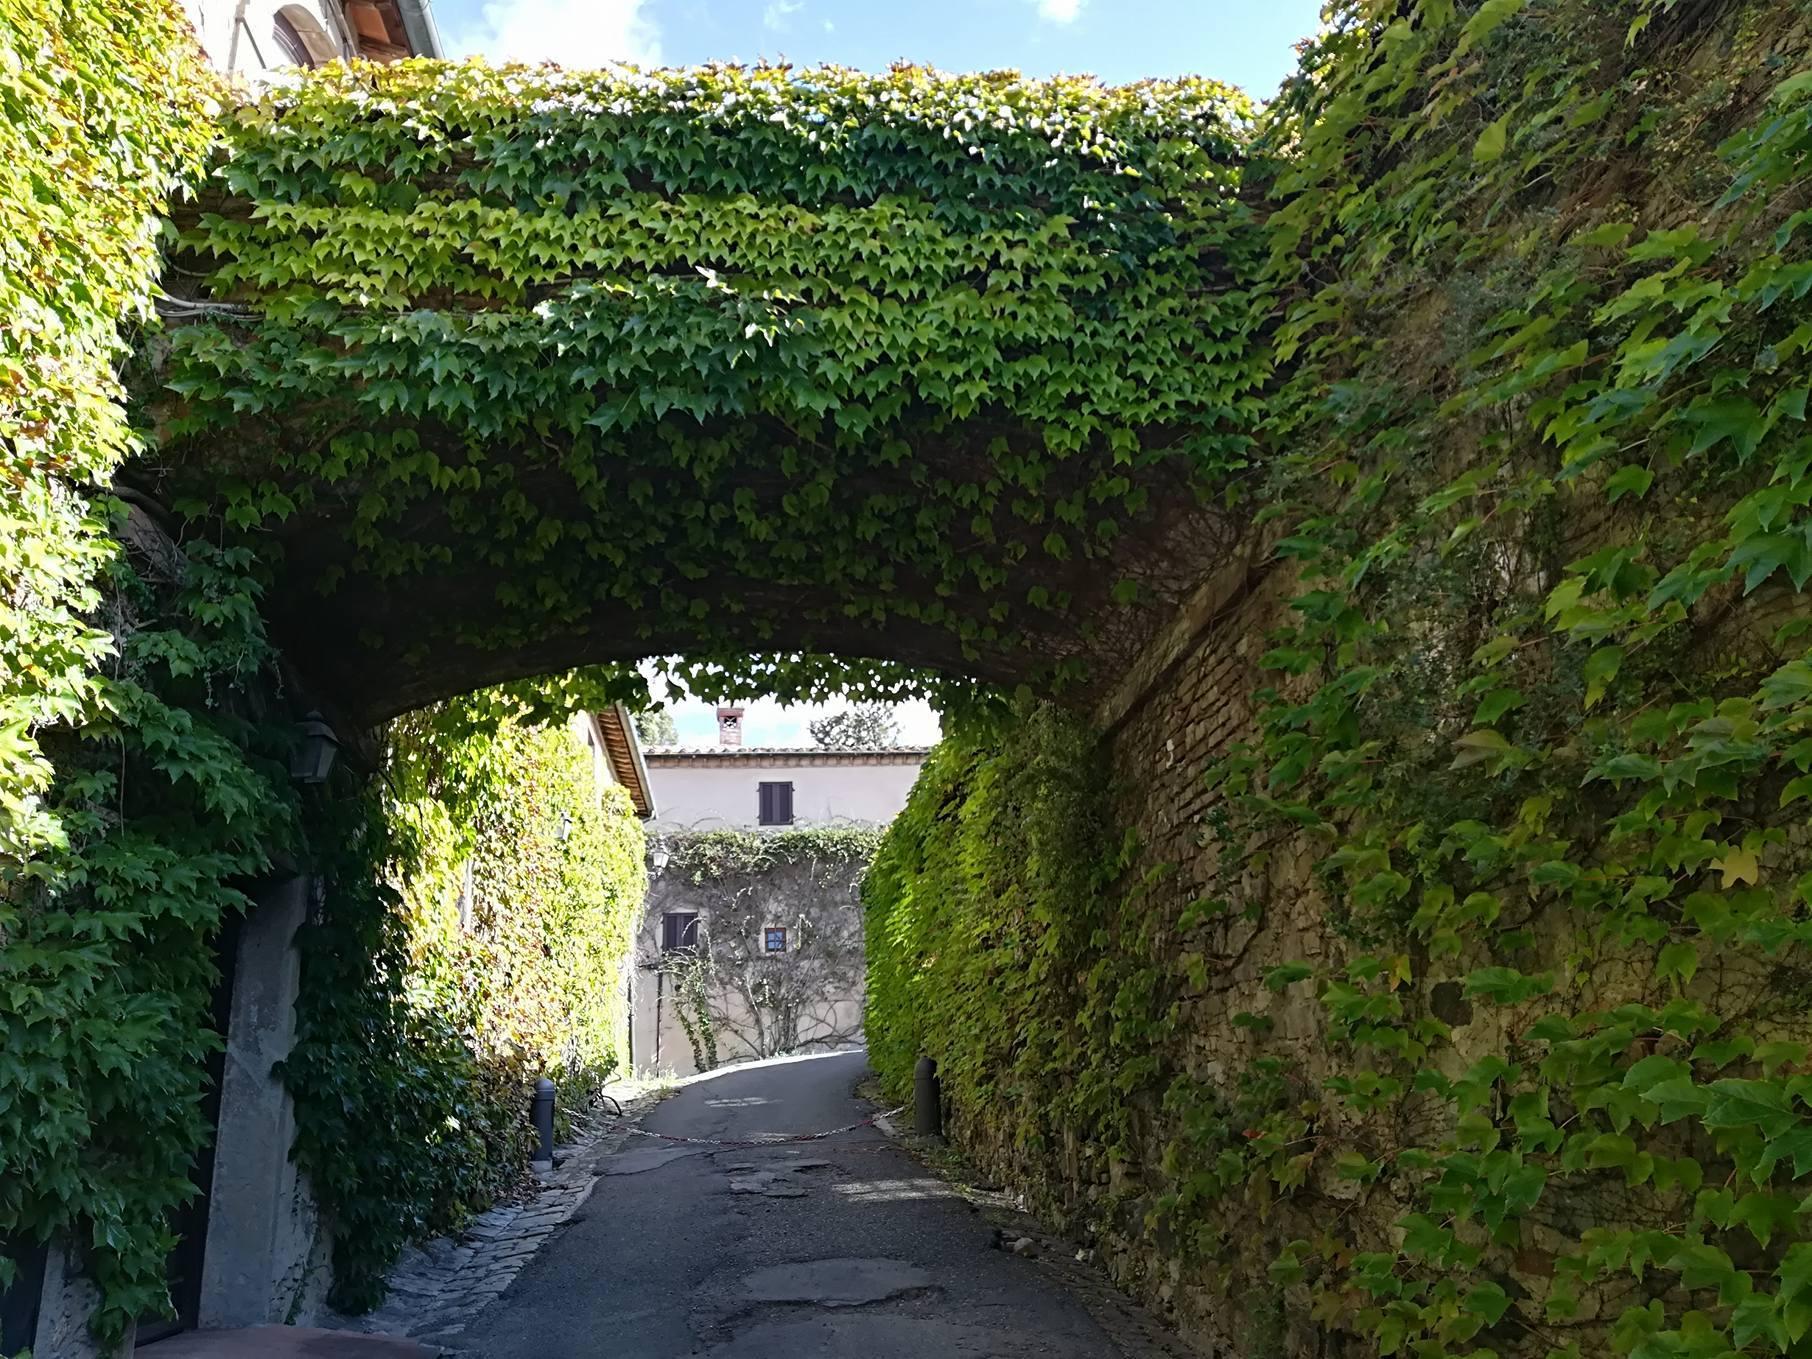 Borghi in Val di Cecina: alcune foto di Querceto